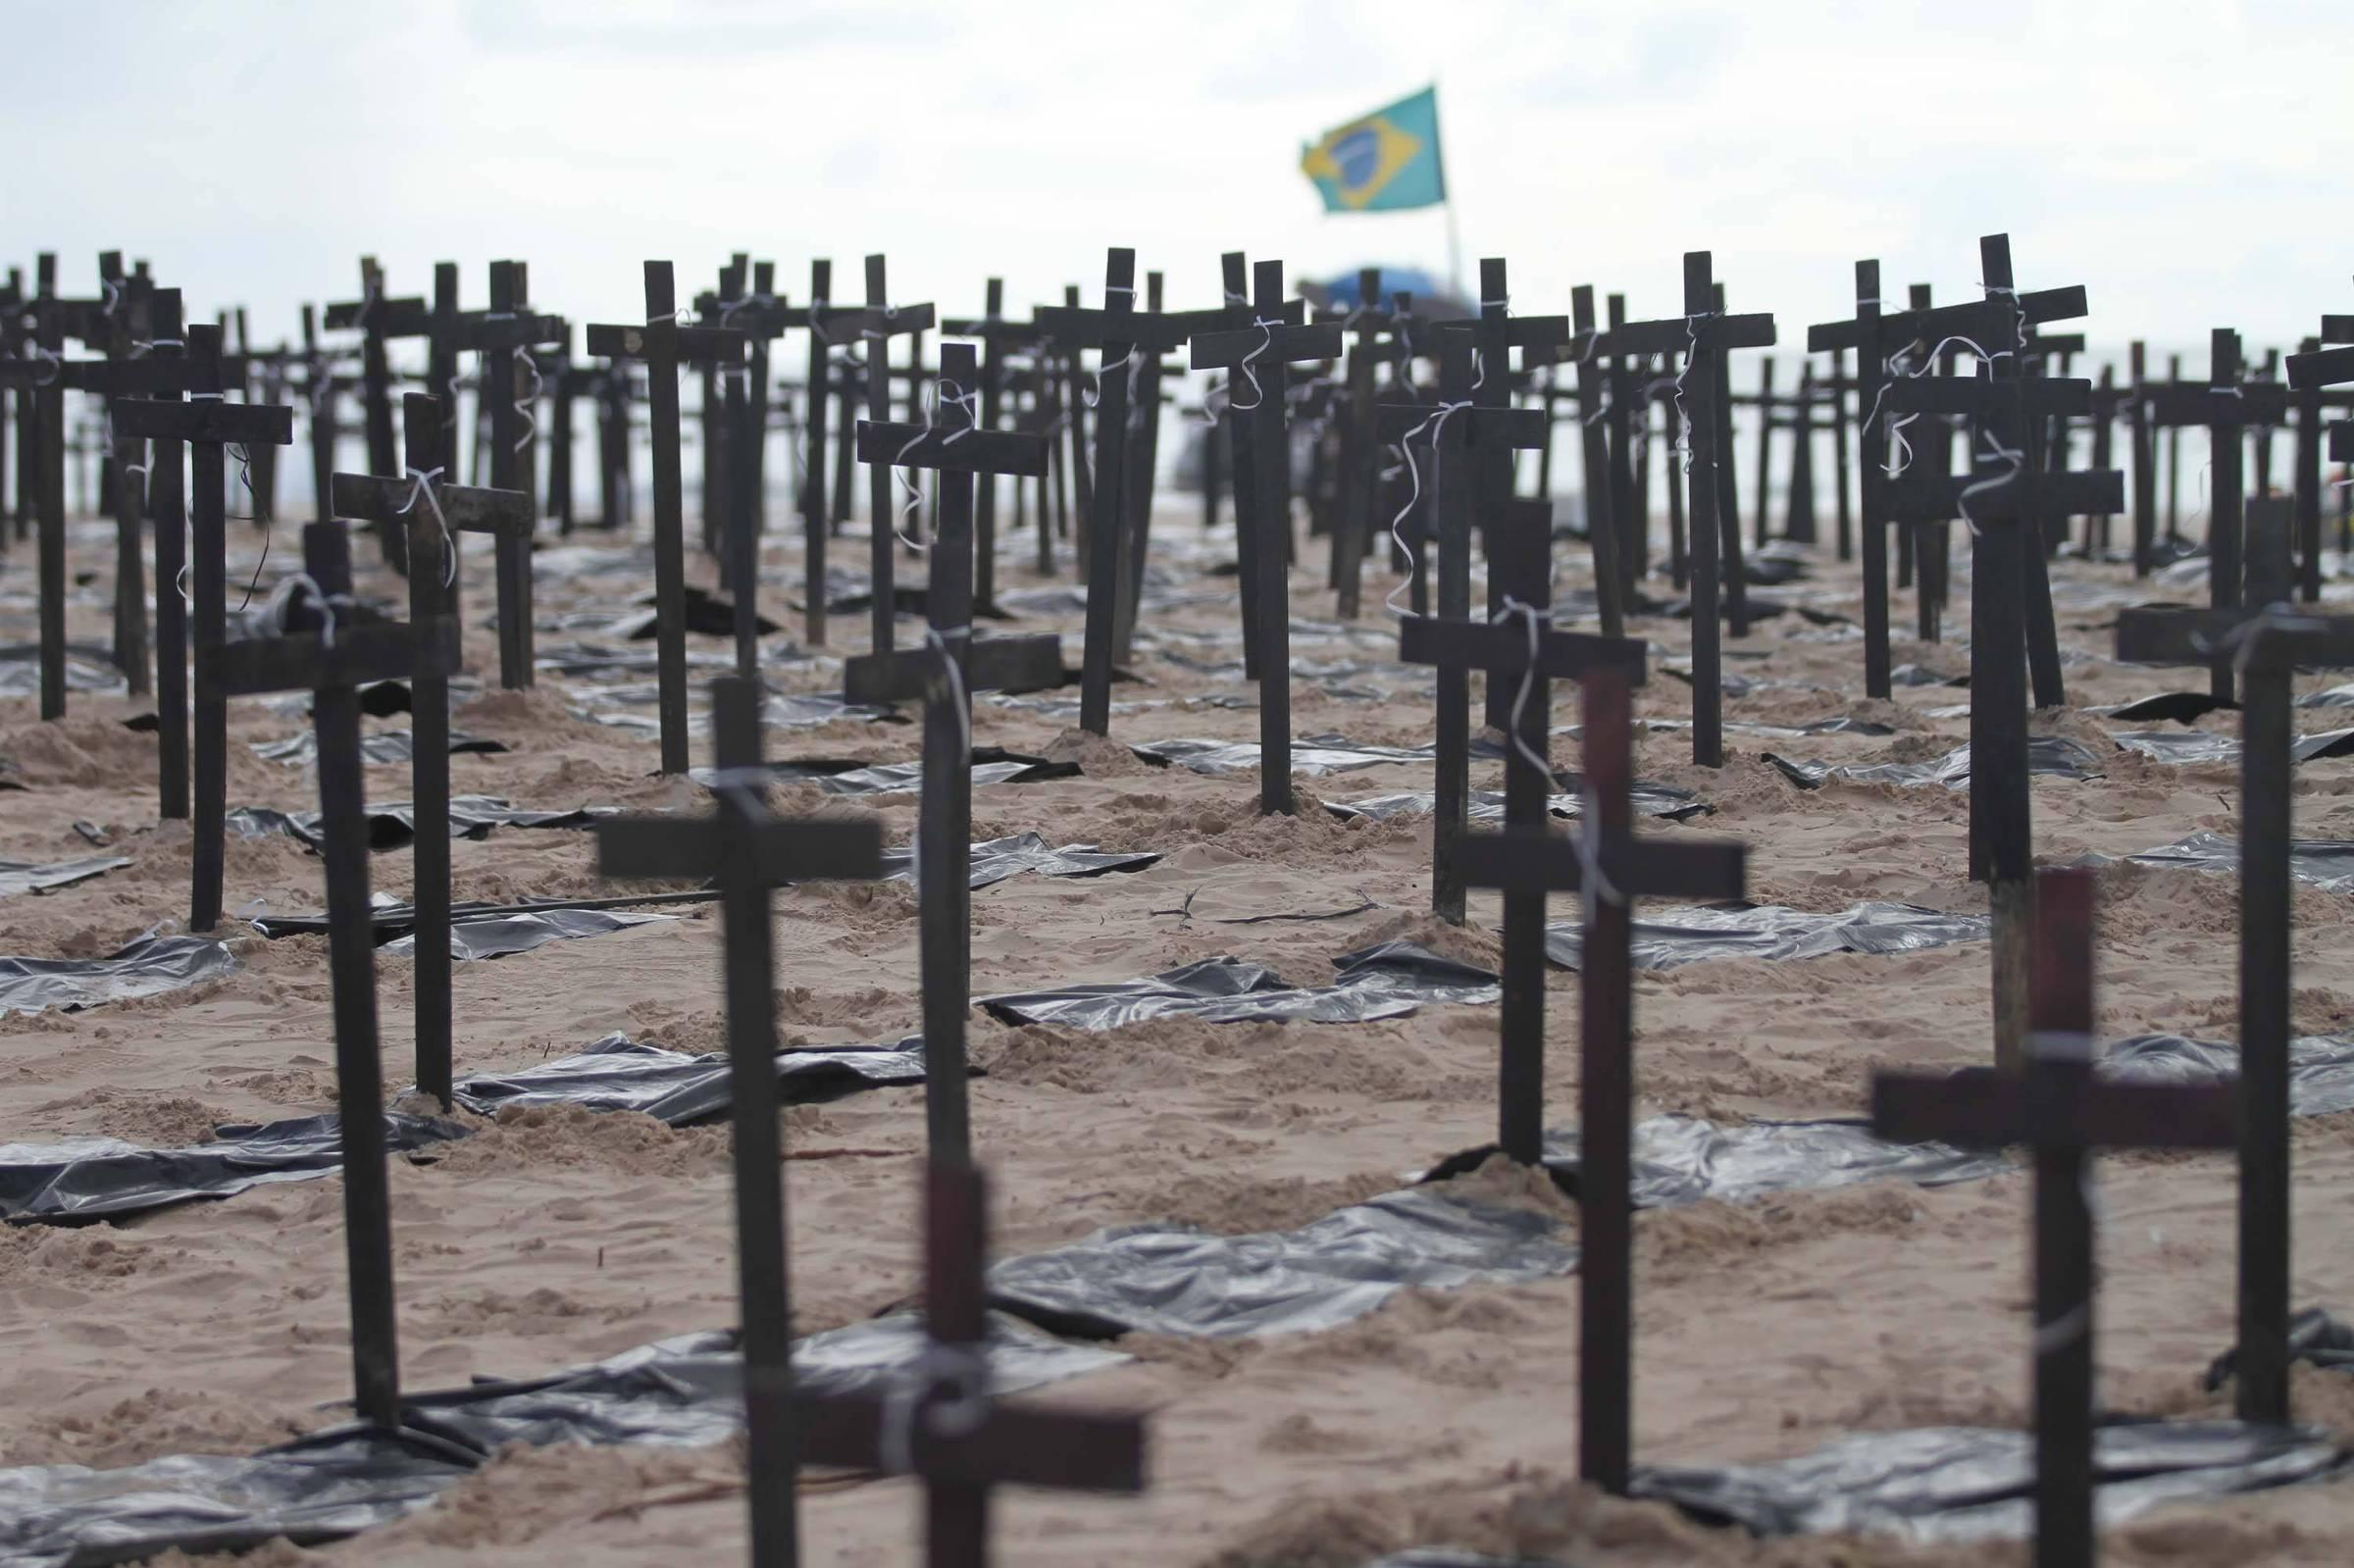 Em protesto, mil cruzes são fincadas na praia do Pina, em Recife, representando as pessoas assassinadas em Pernambuco de janeiro a março de 2018 - Marlon Costa - 24.mar.18/Futura Press/Folhapress